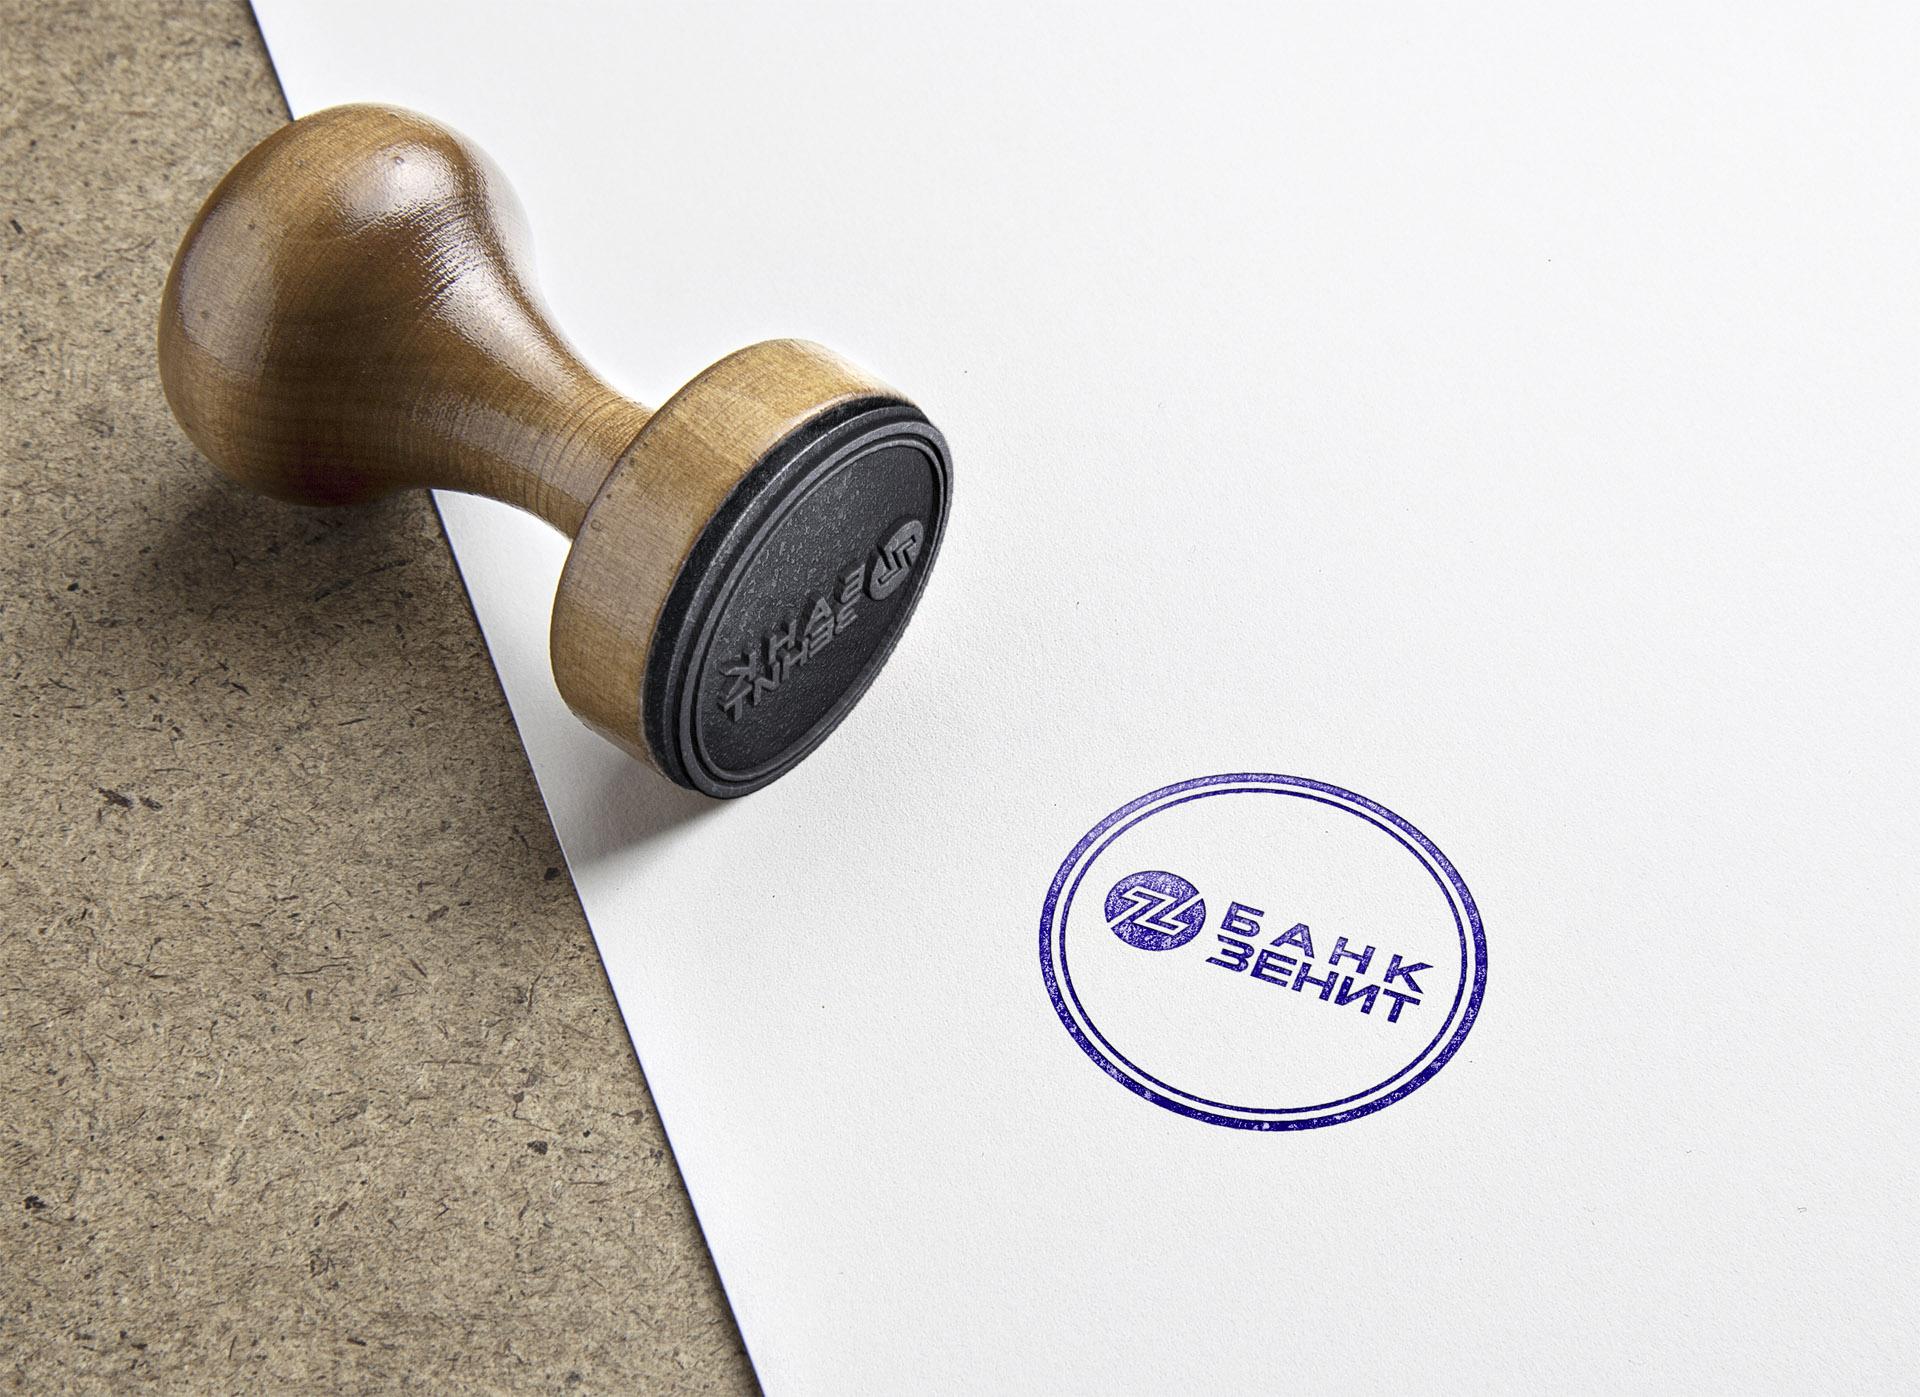 Разработка логотипа для Банка ЗЕНИТ фото f_5545b50cf843261c.jpg